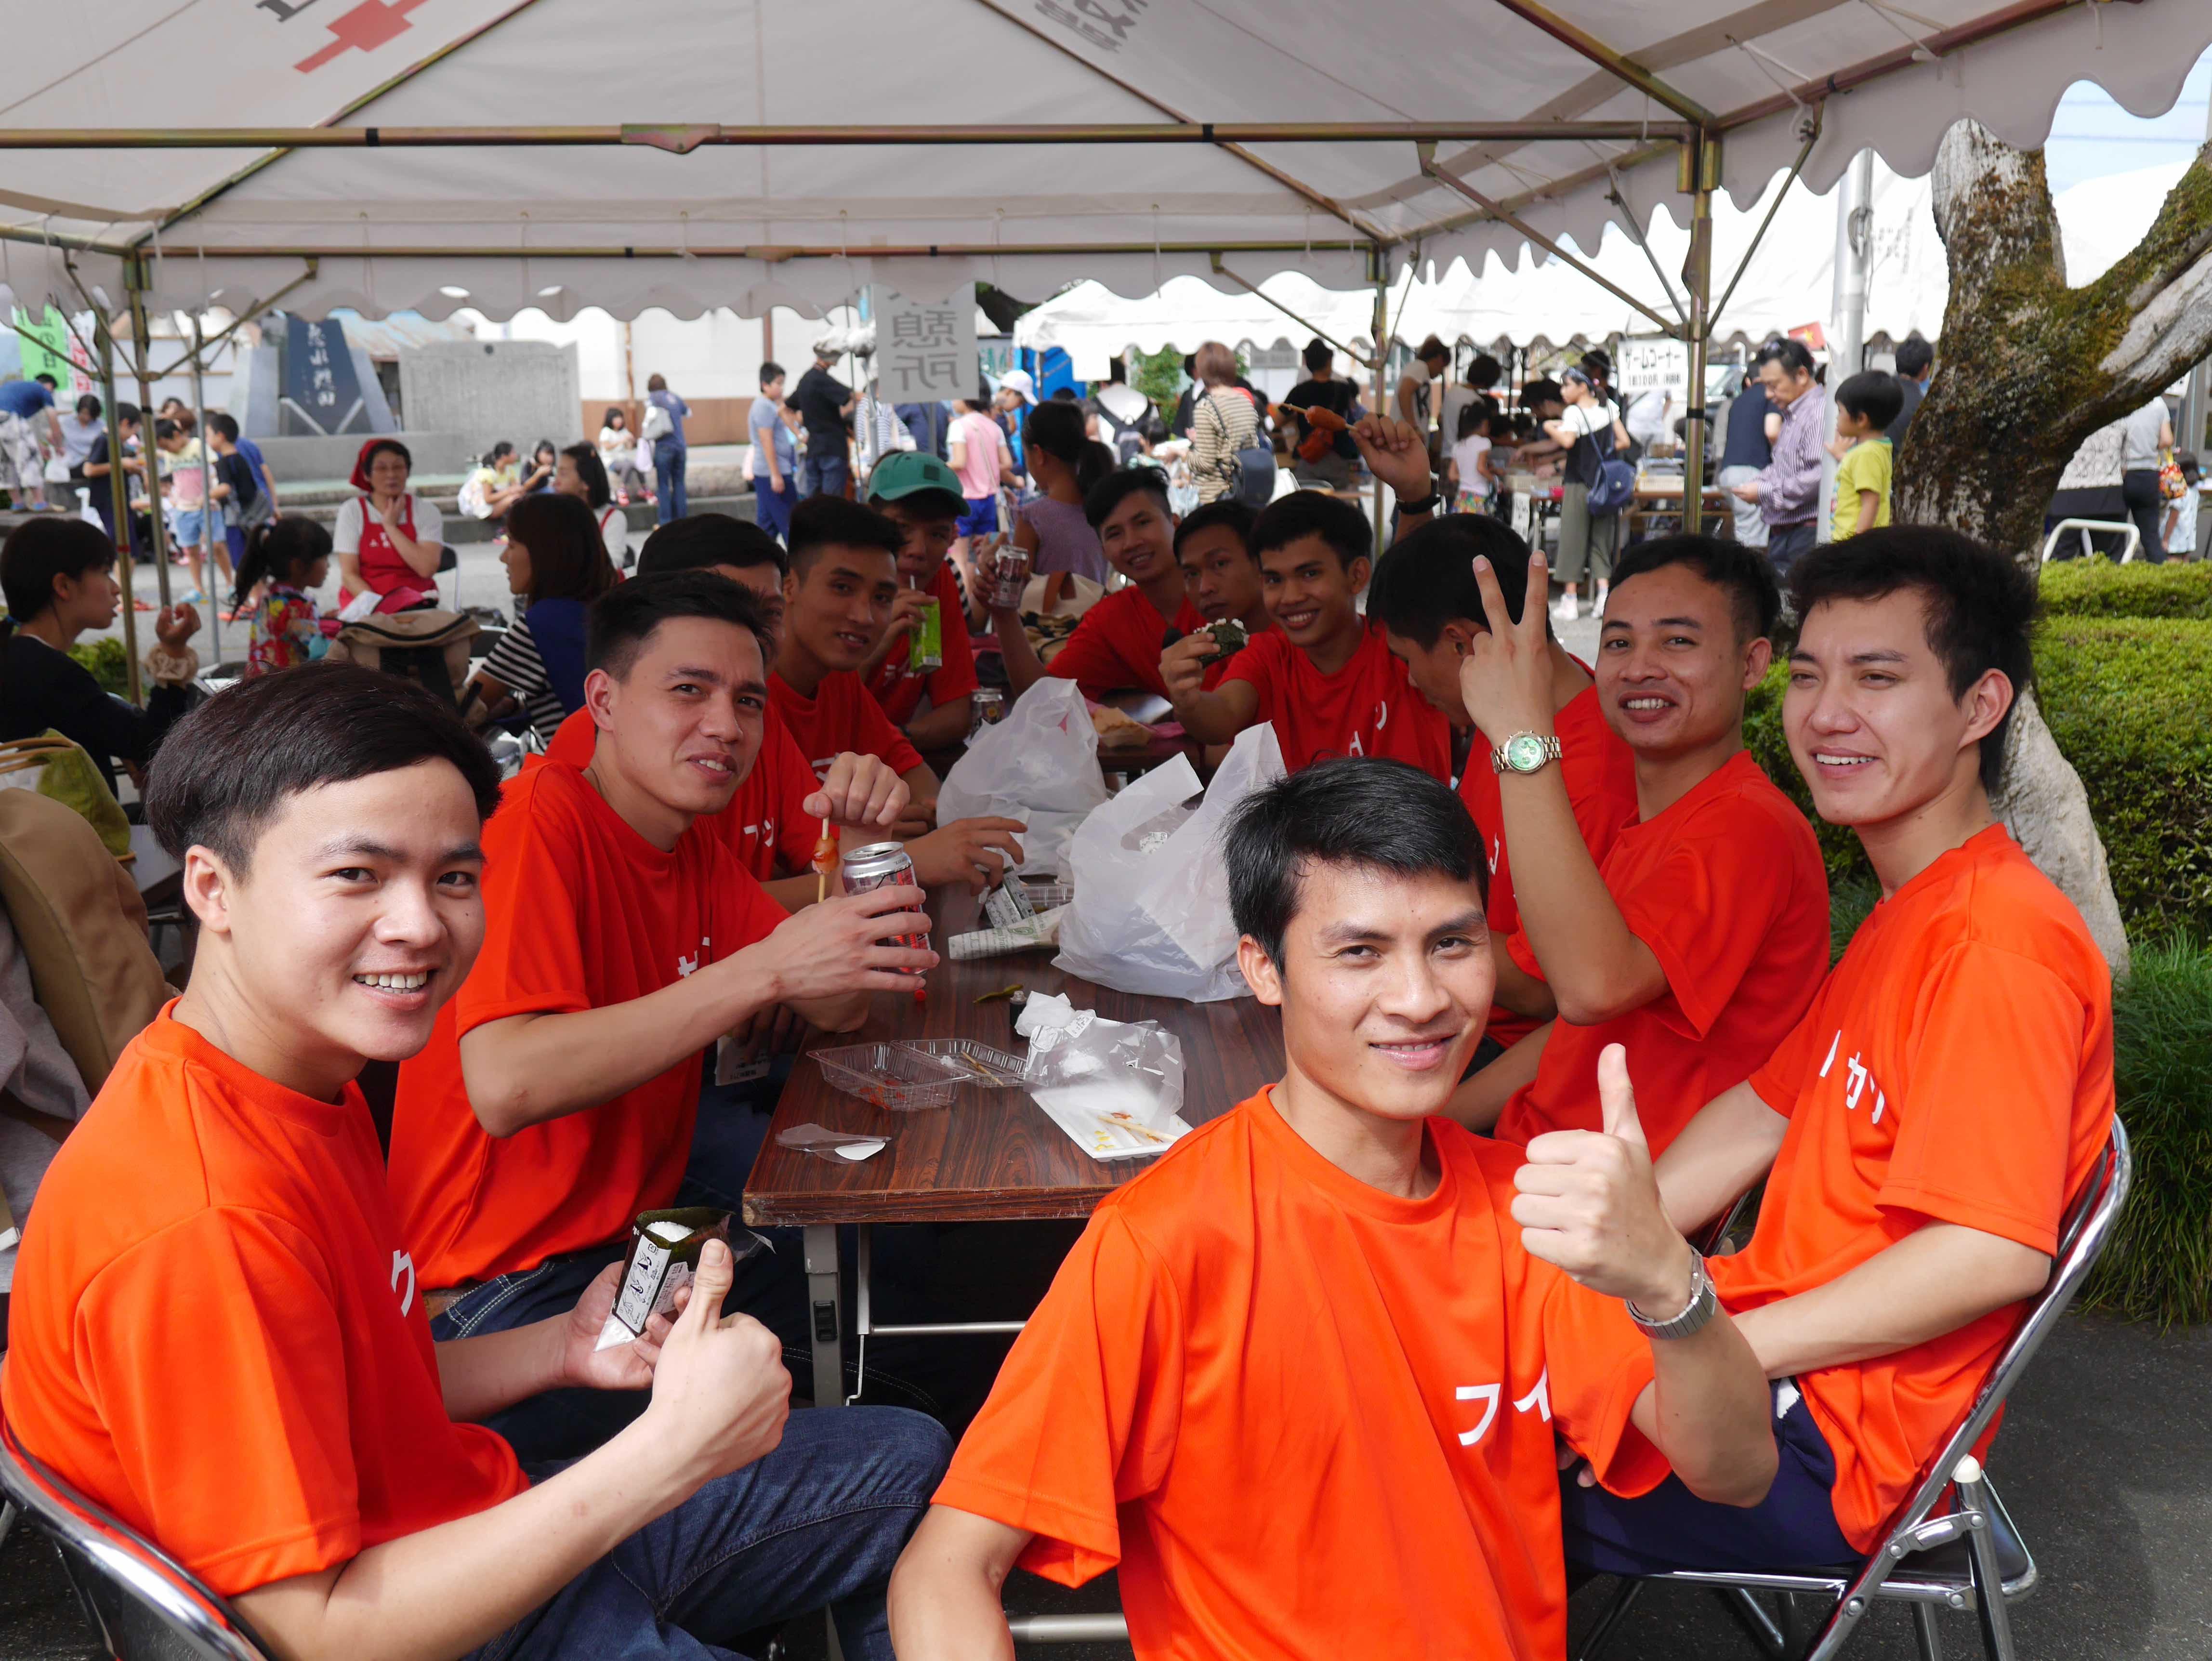 ベトナム実習生と地域国際交流!宮川地区ふれあい祭りに参加しました。の画像